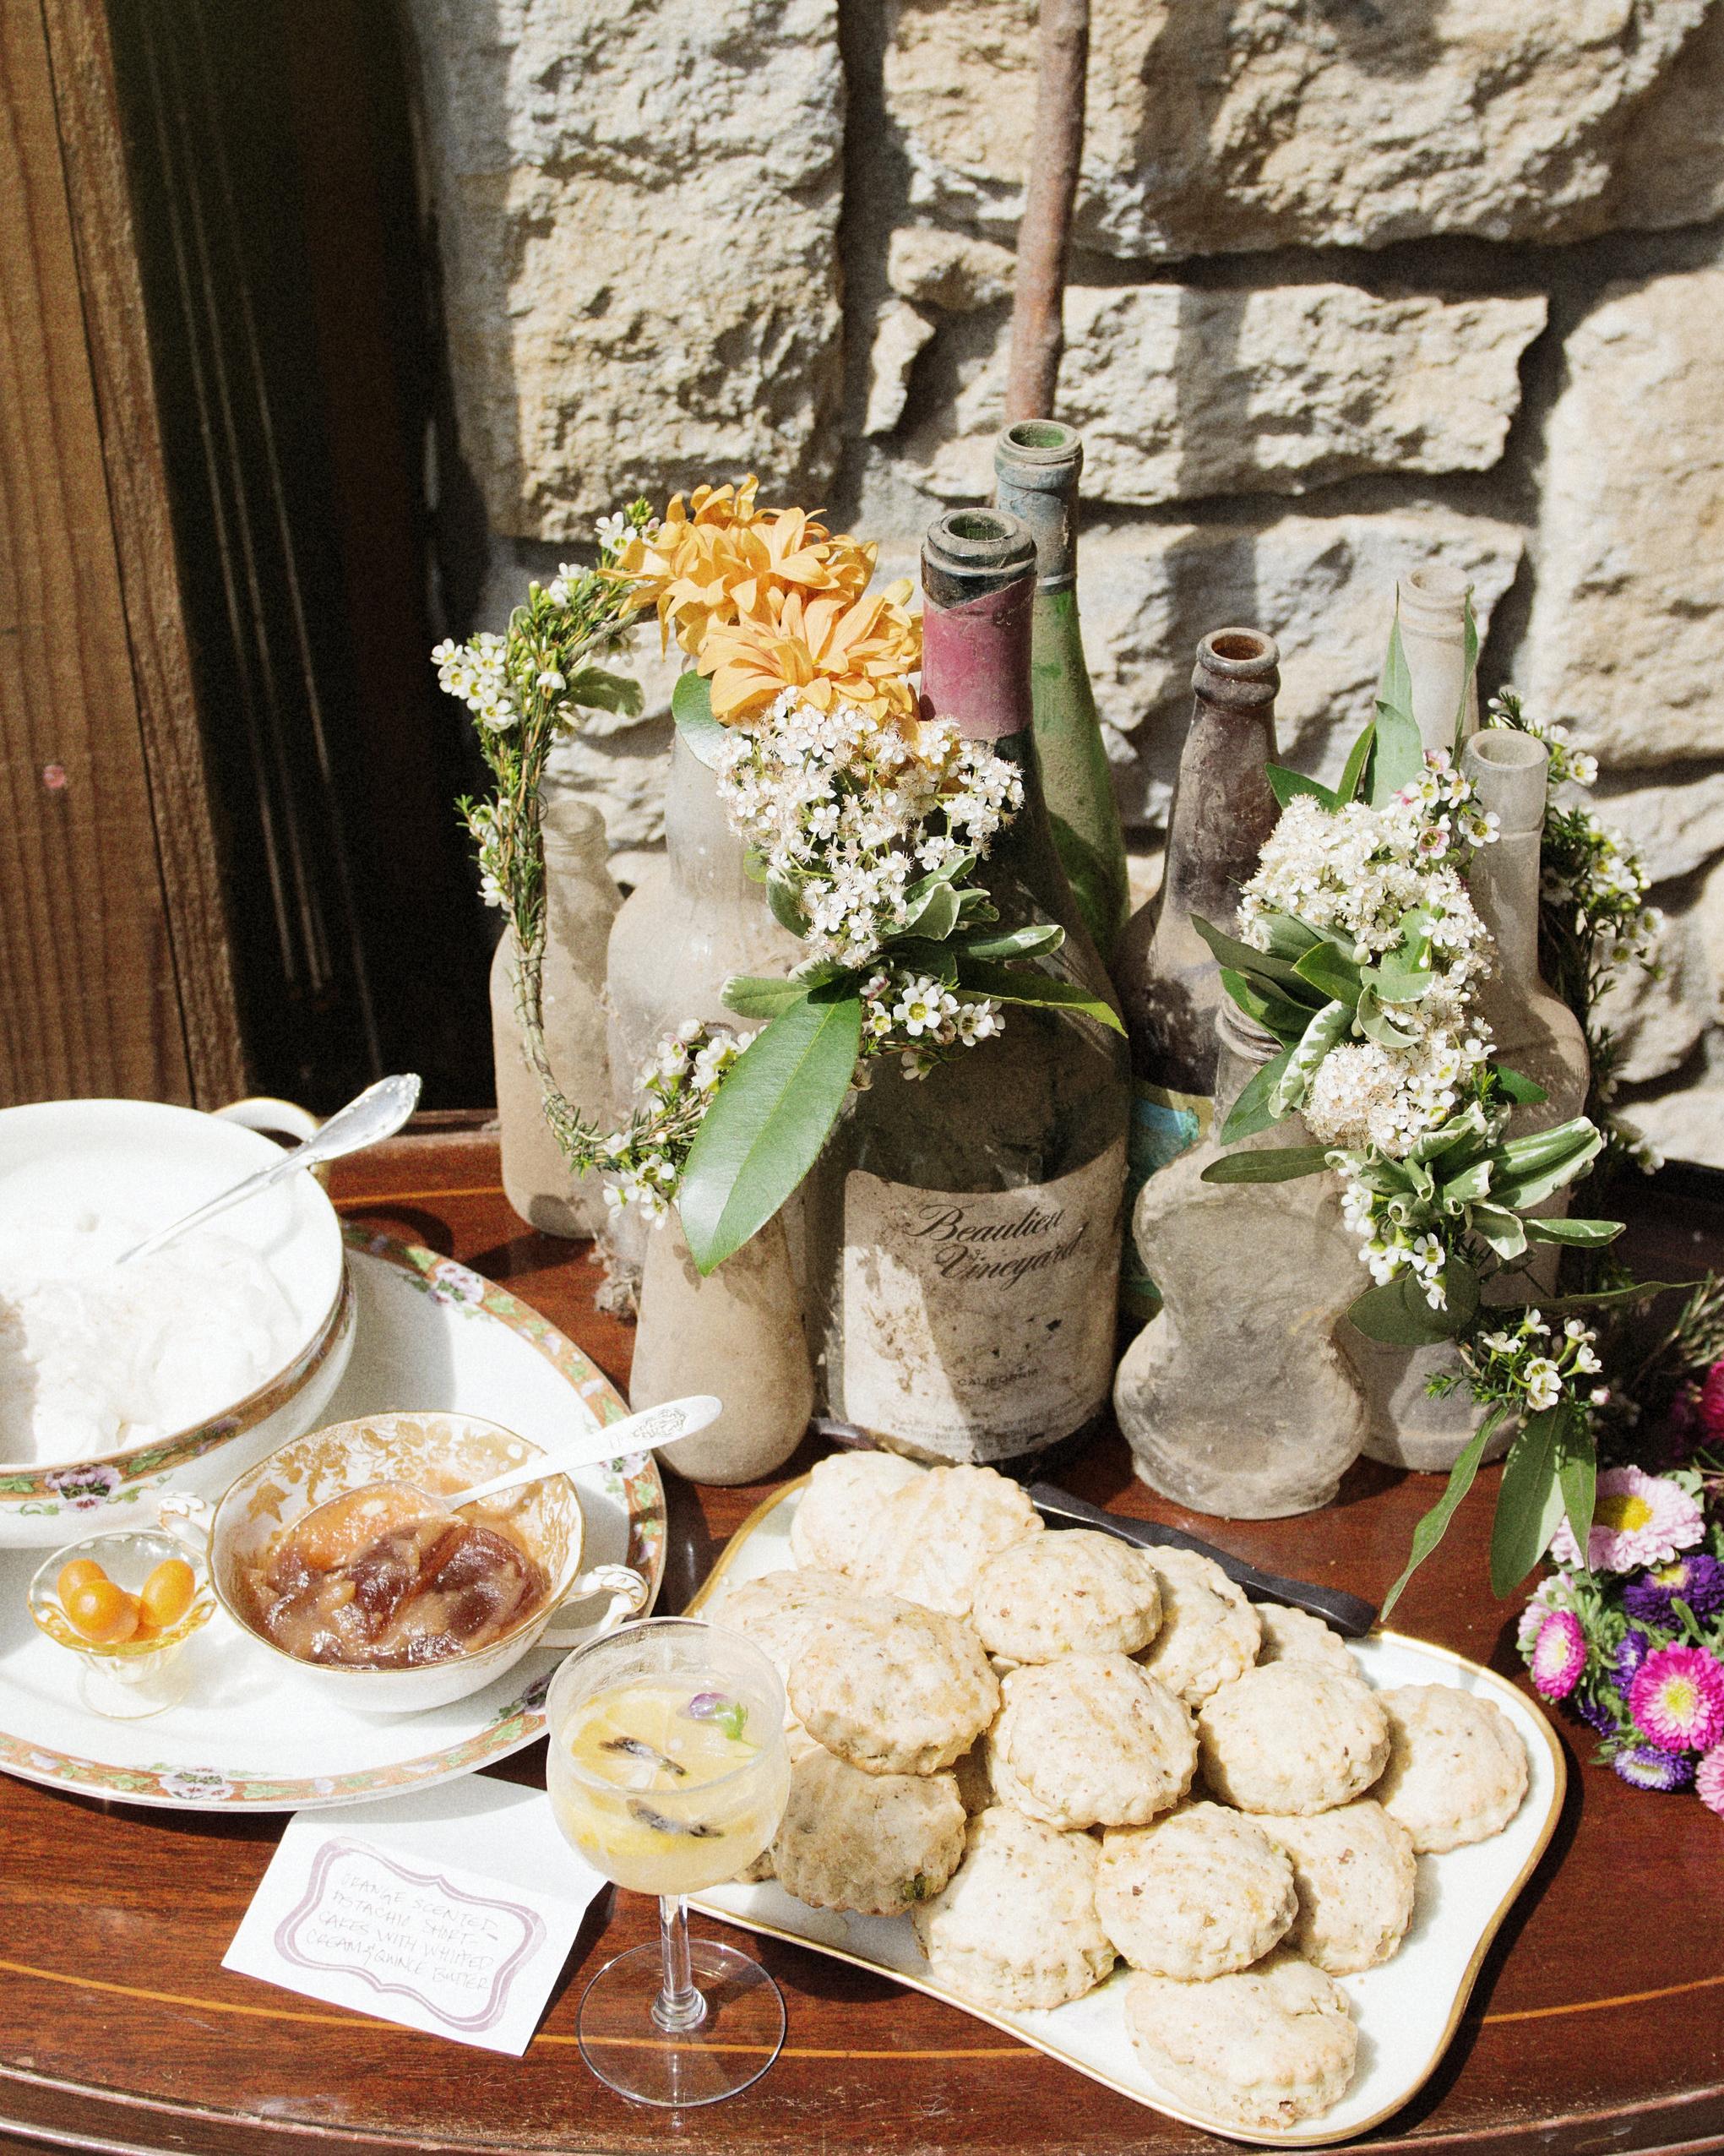 scavenger-hunt-bridal-shower-scones-and-champagne.jpg